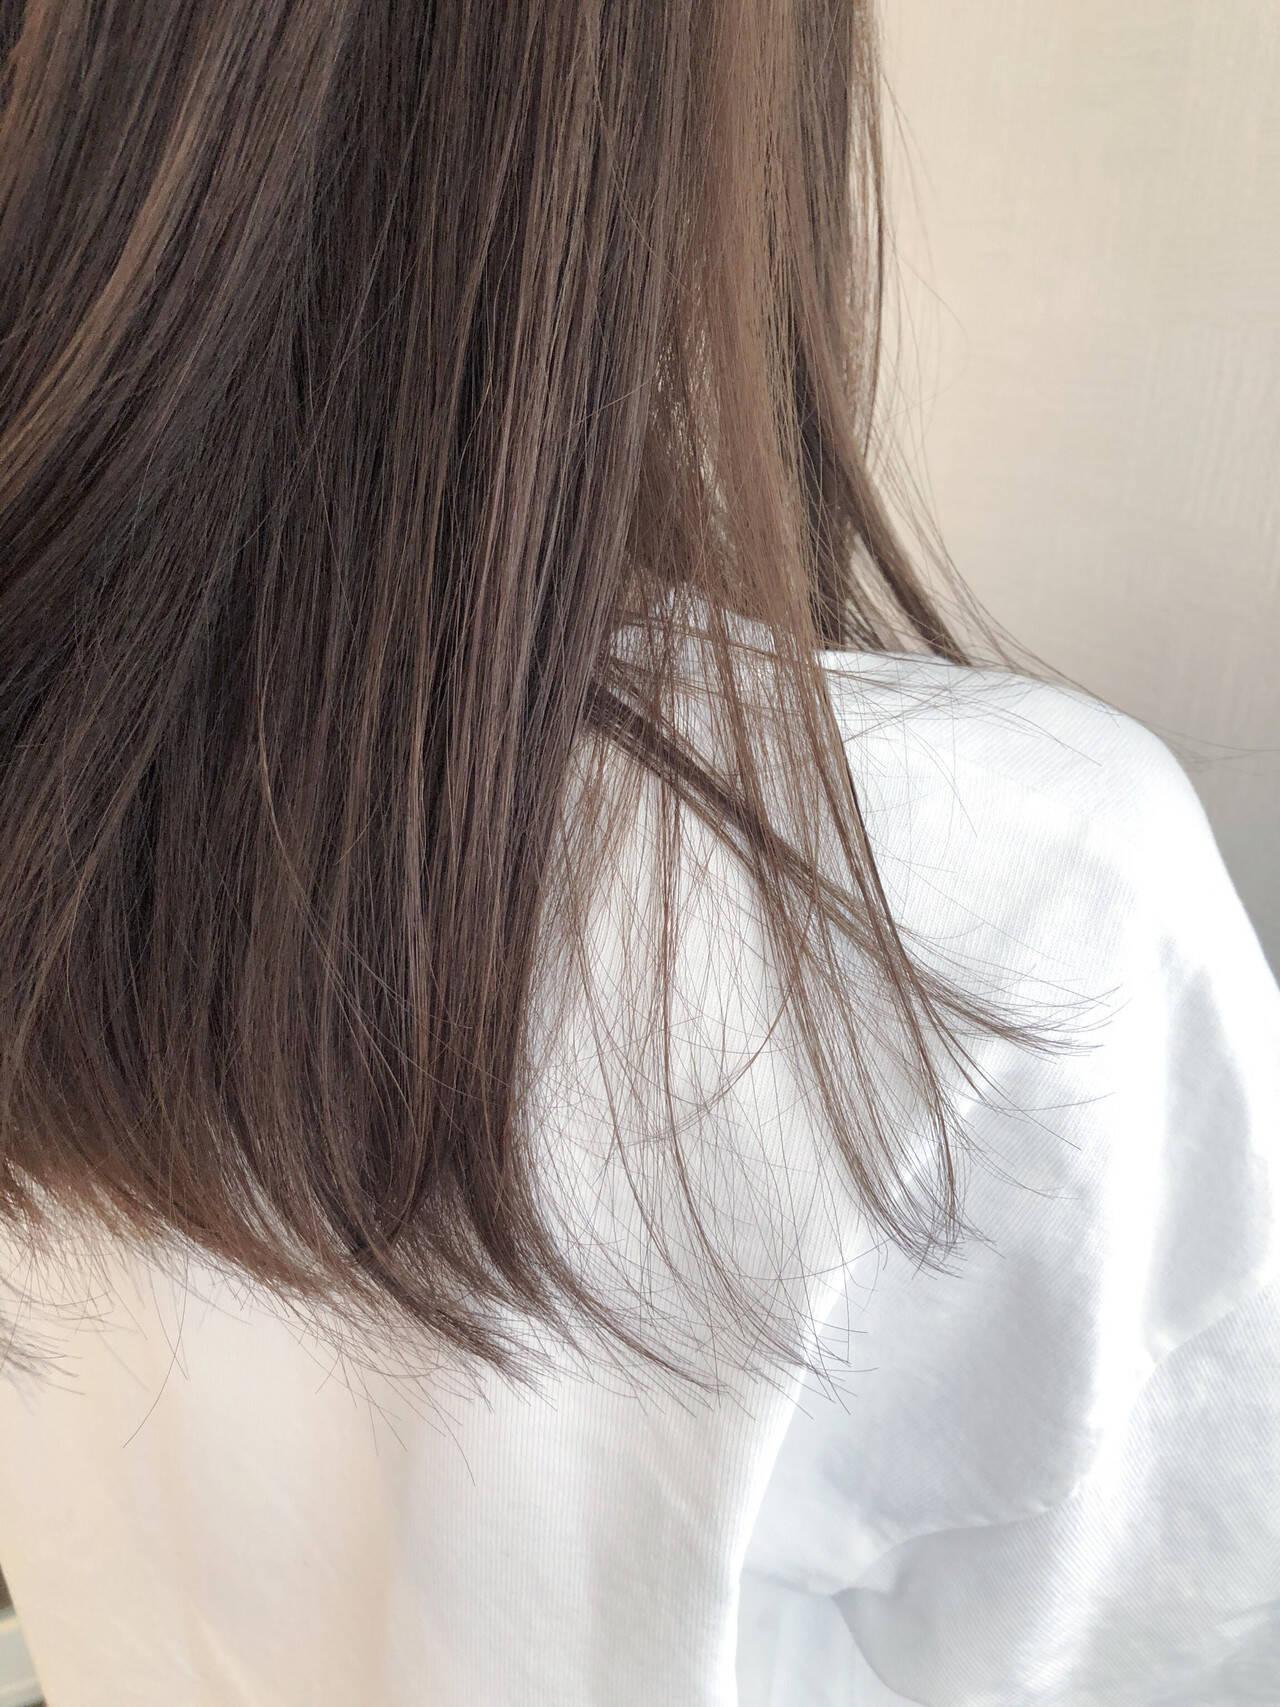 アッシュグレージュ セミロング ナチュラル ミルクティーグレージュヘアスタイルや髪型の写真・画像